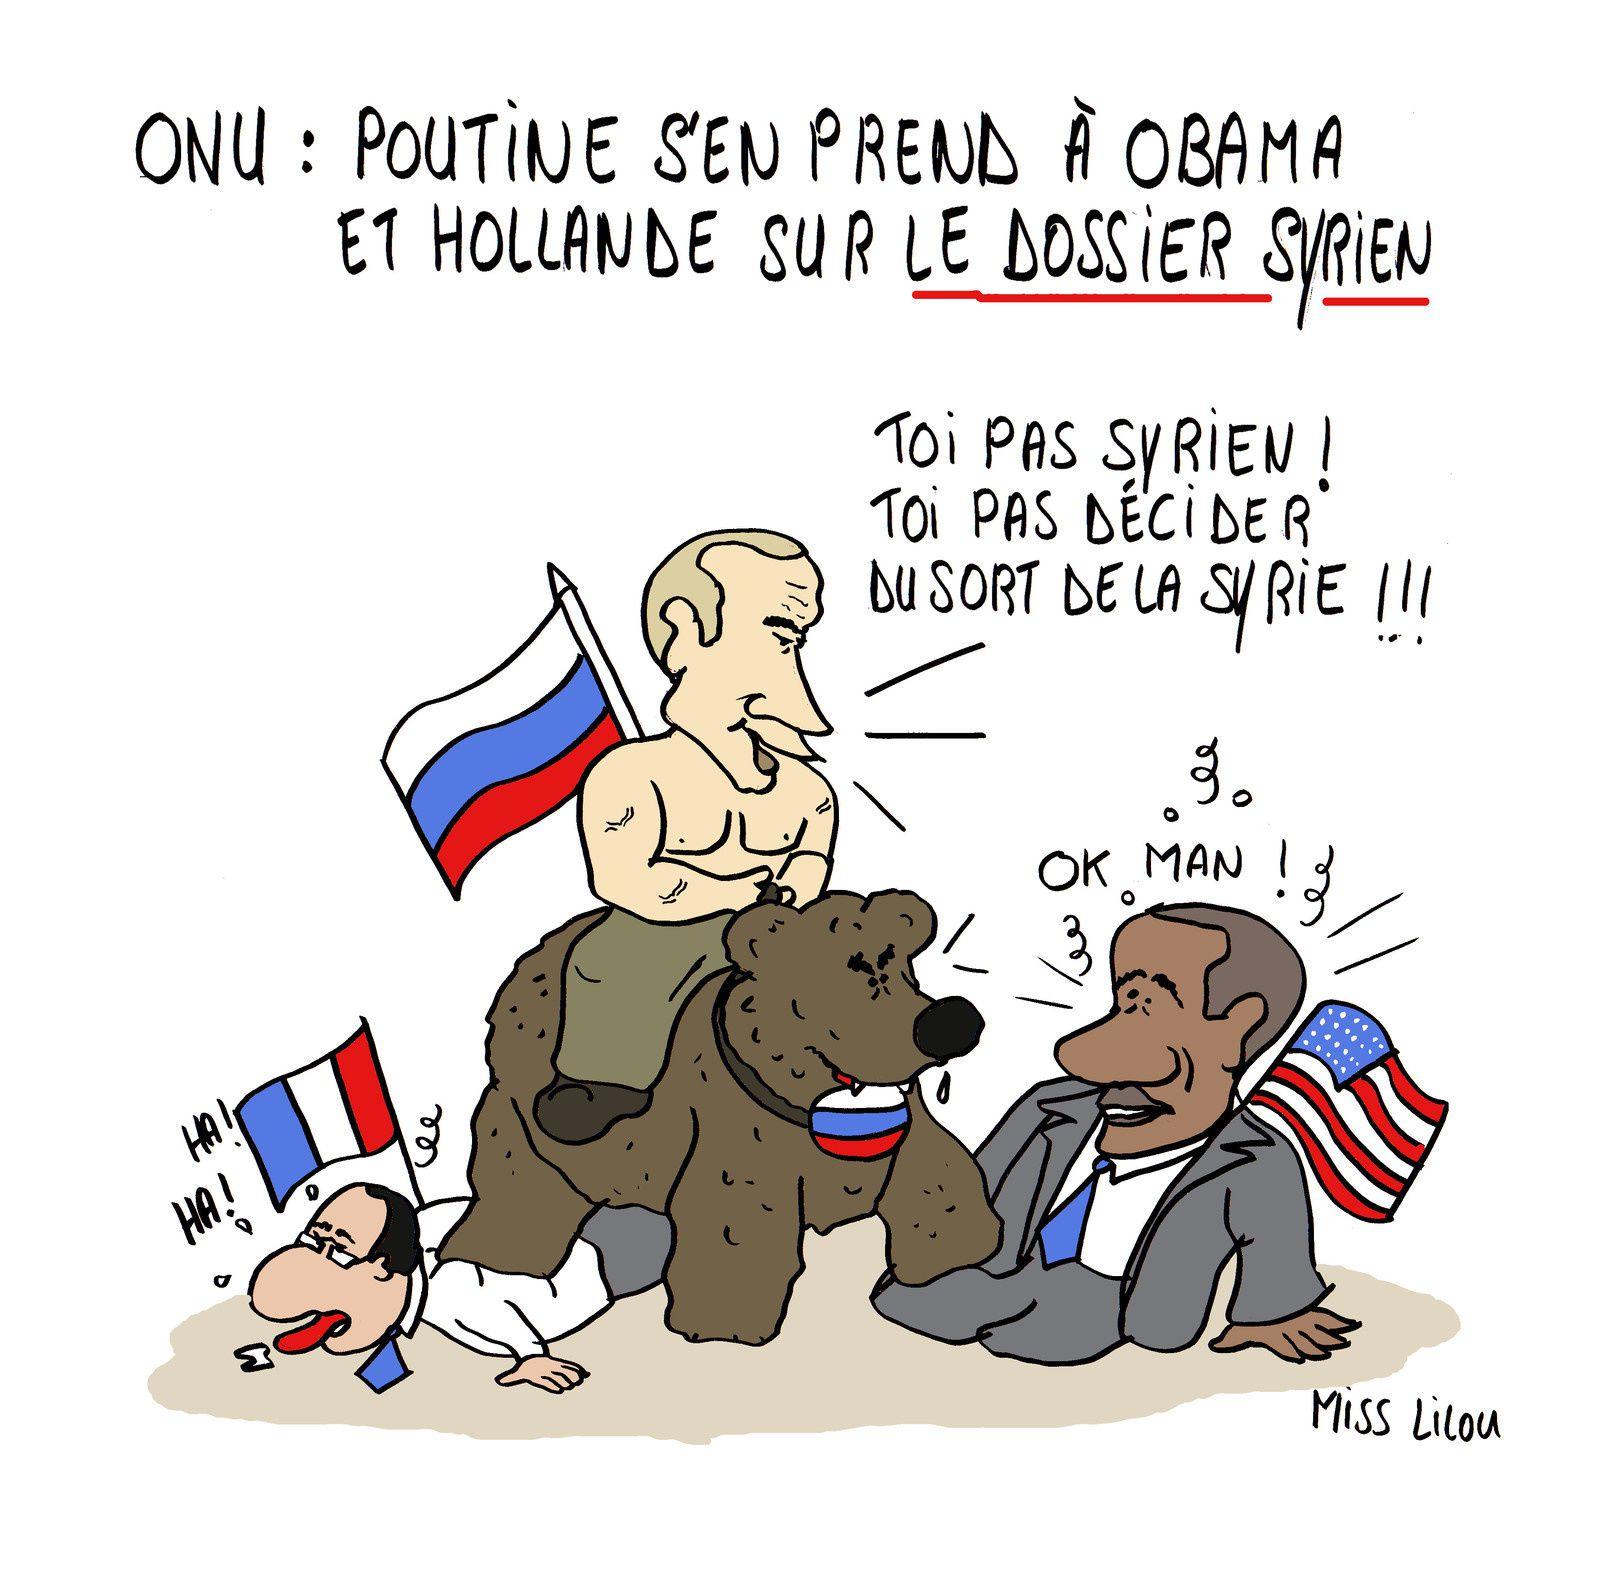 ONU : Poutine s'en prend à Obama et Hollande sur le dossier syrien...